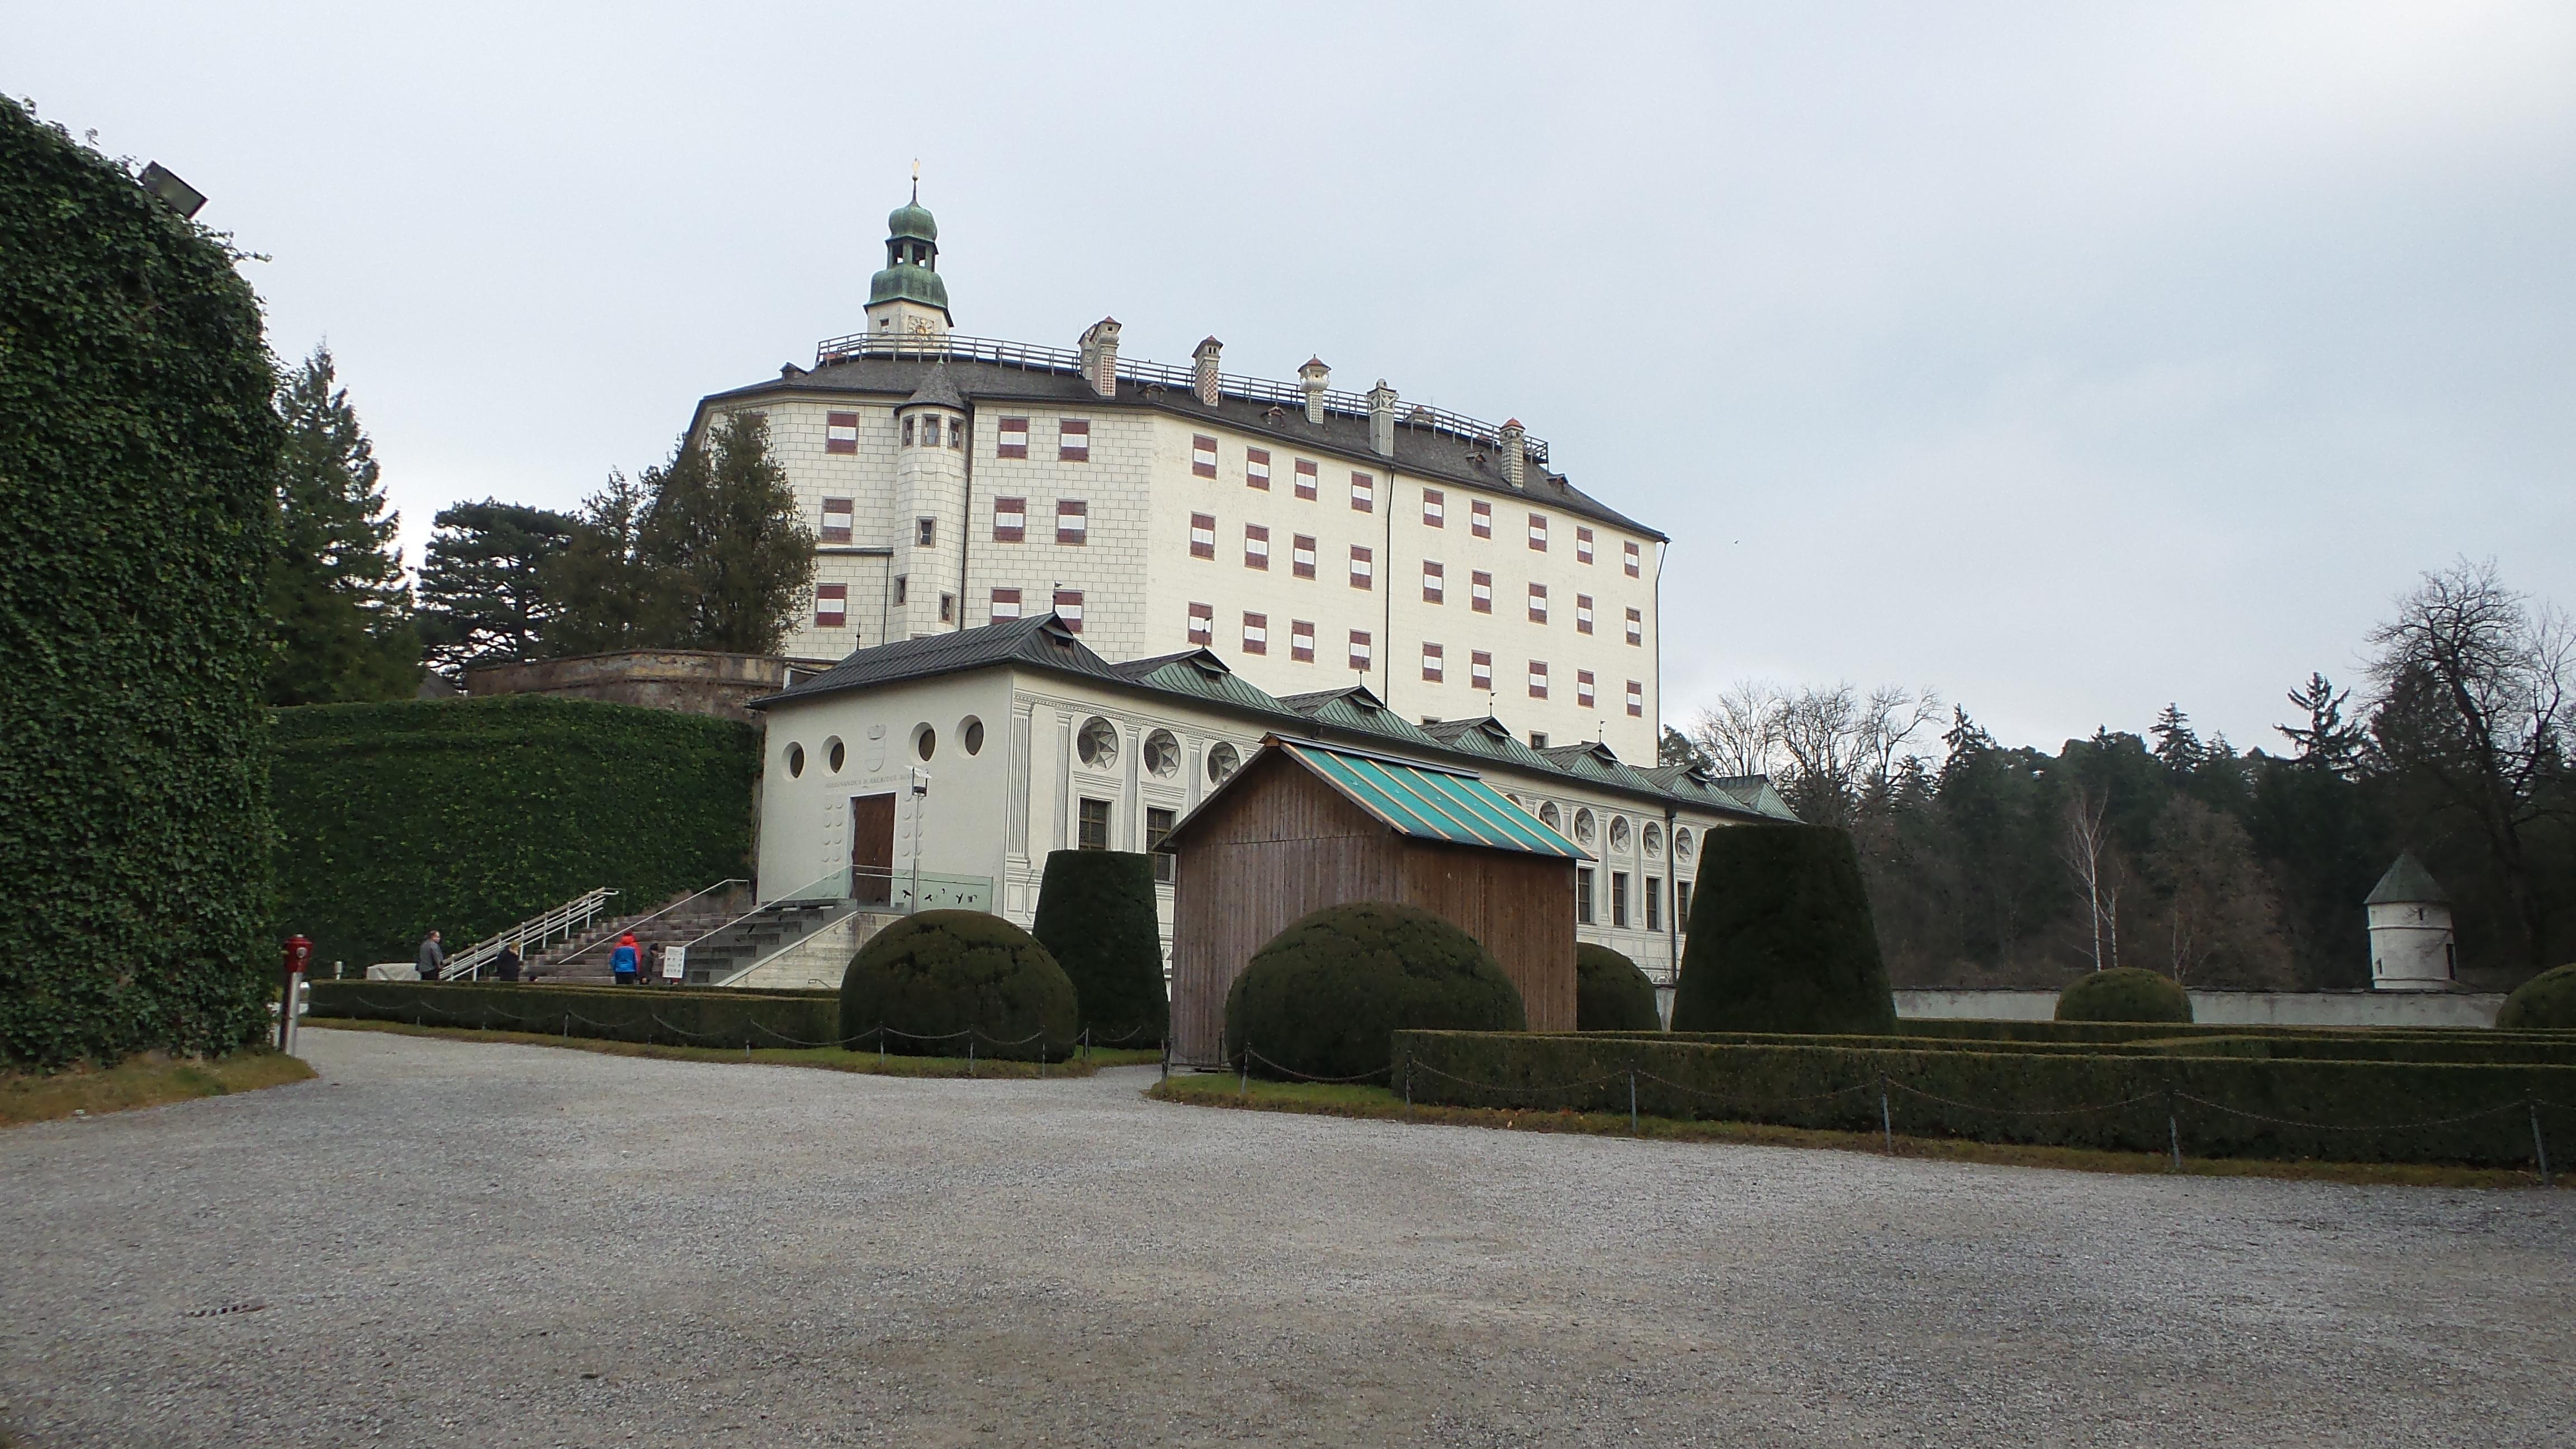 Innsbruck - Castello di Ambras